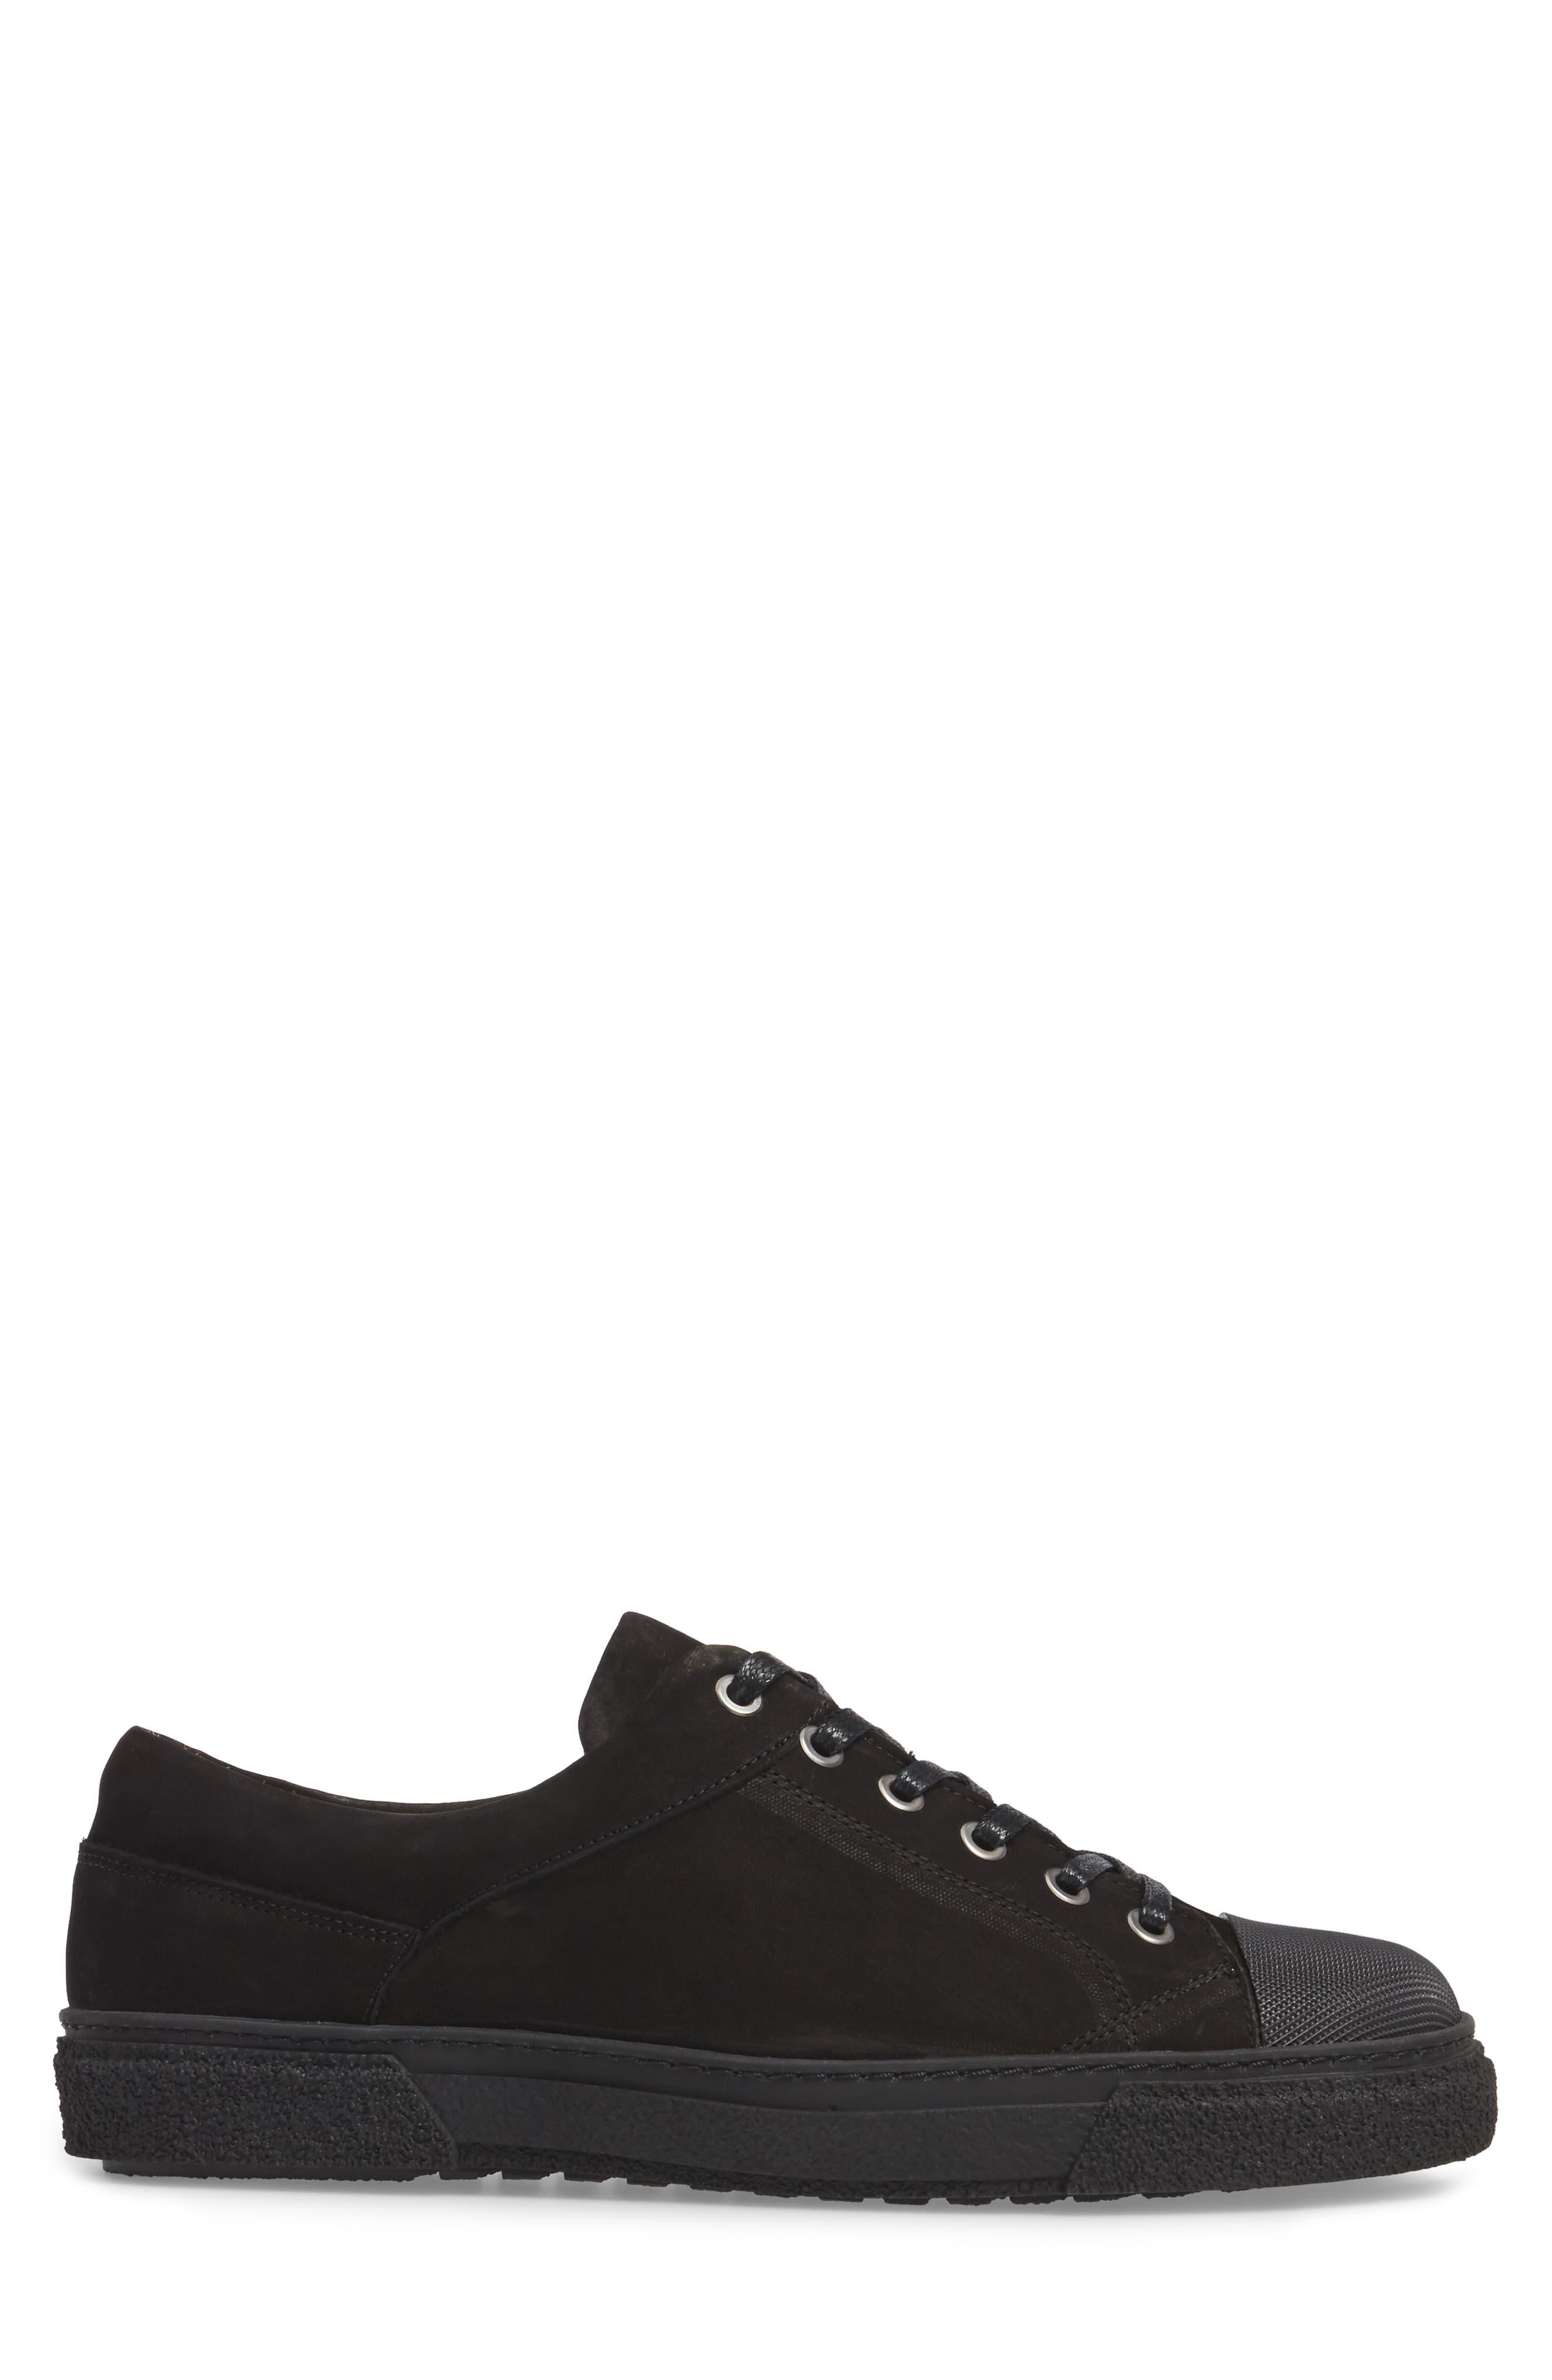 Wallsem Sneaker,                             Alternate thumbnail 3, color,                             001